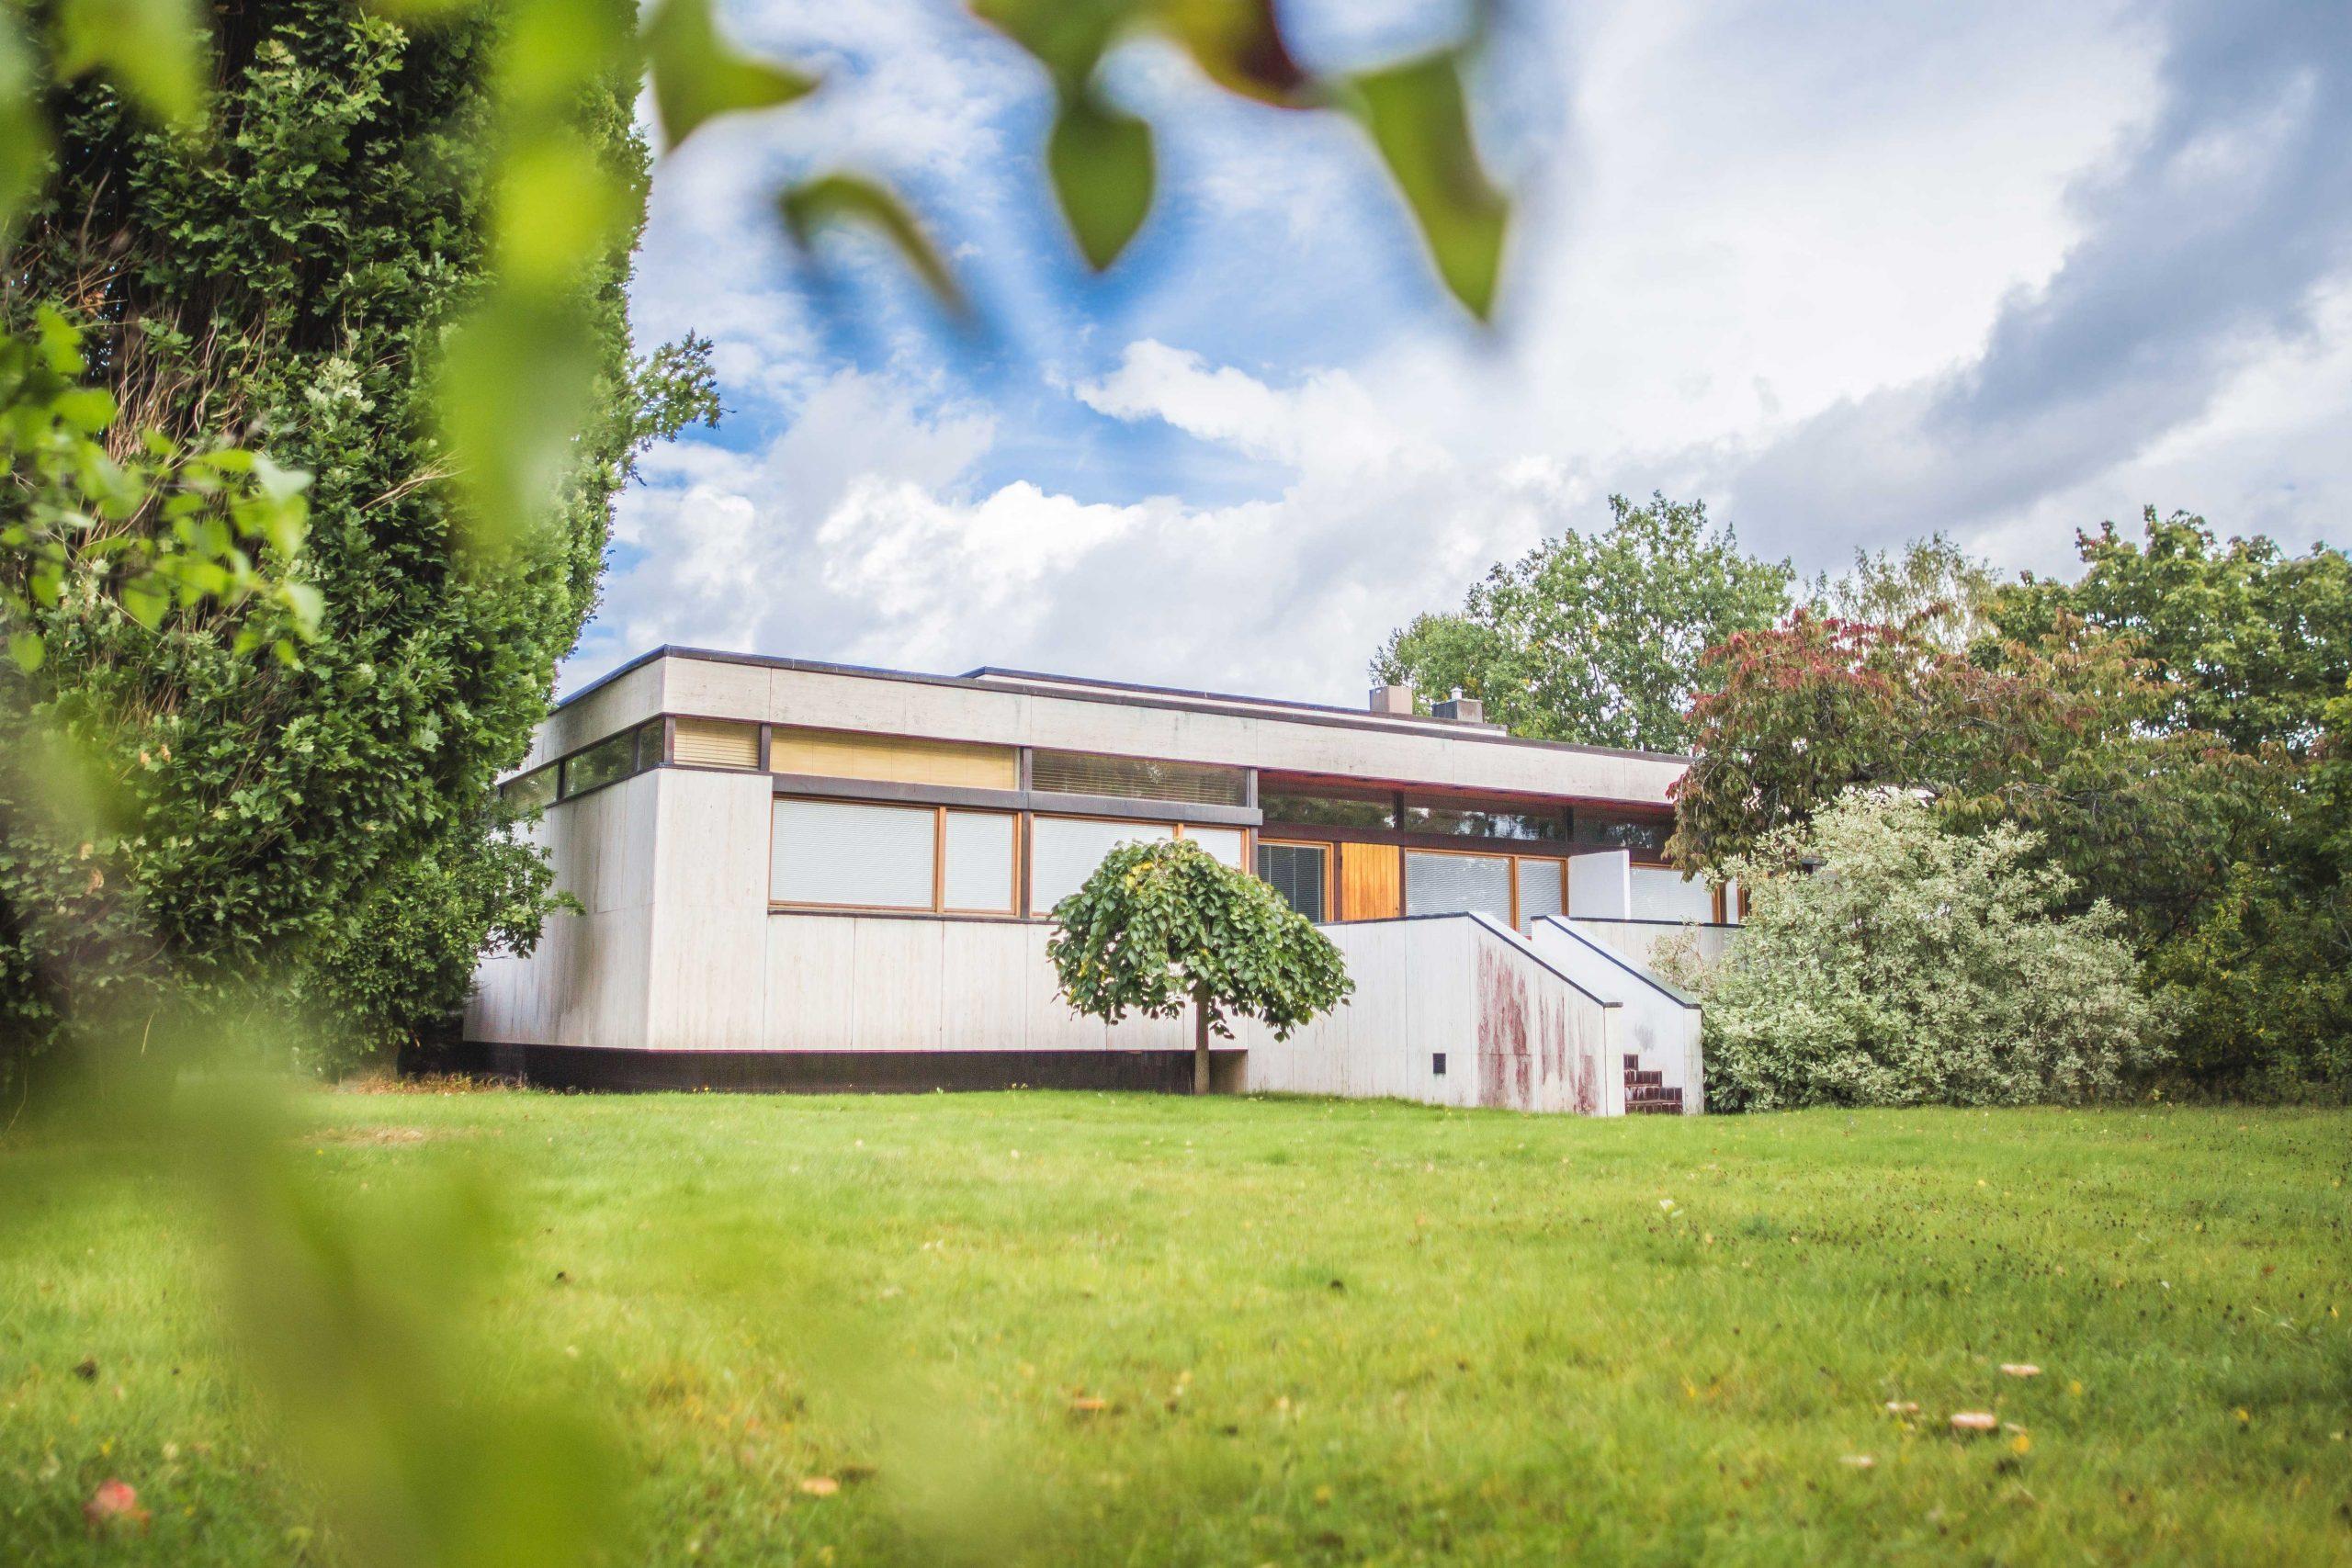 Nokian Kartanon päärakennus on 1960-luvun lopulla rakennettu tasakattoinen harmaa rakennus, jota ympäröi vehreä puutarha.